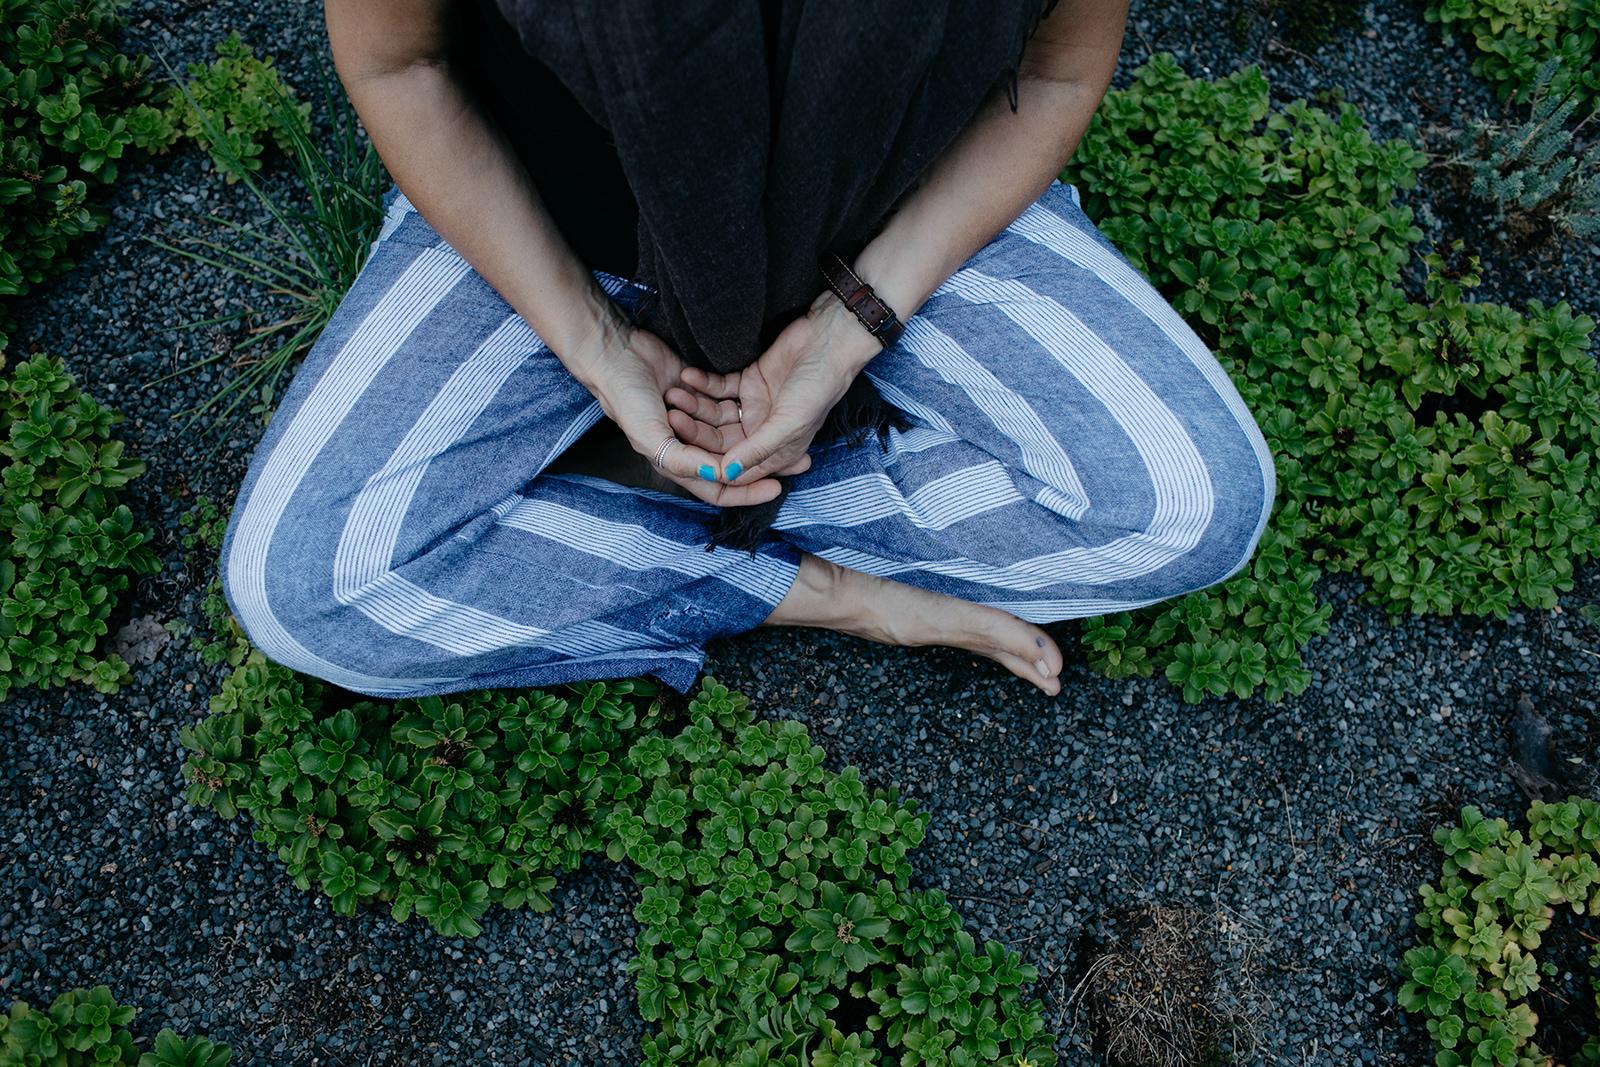 hands on lap meditating.jpg